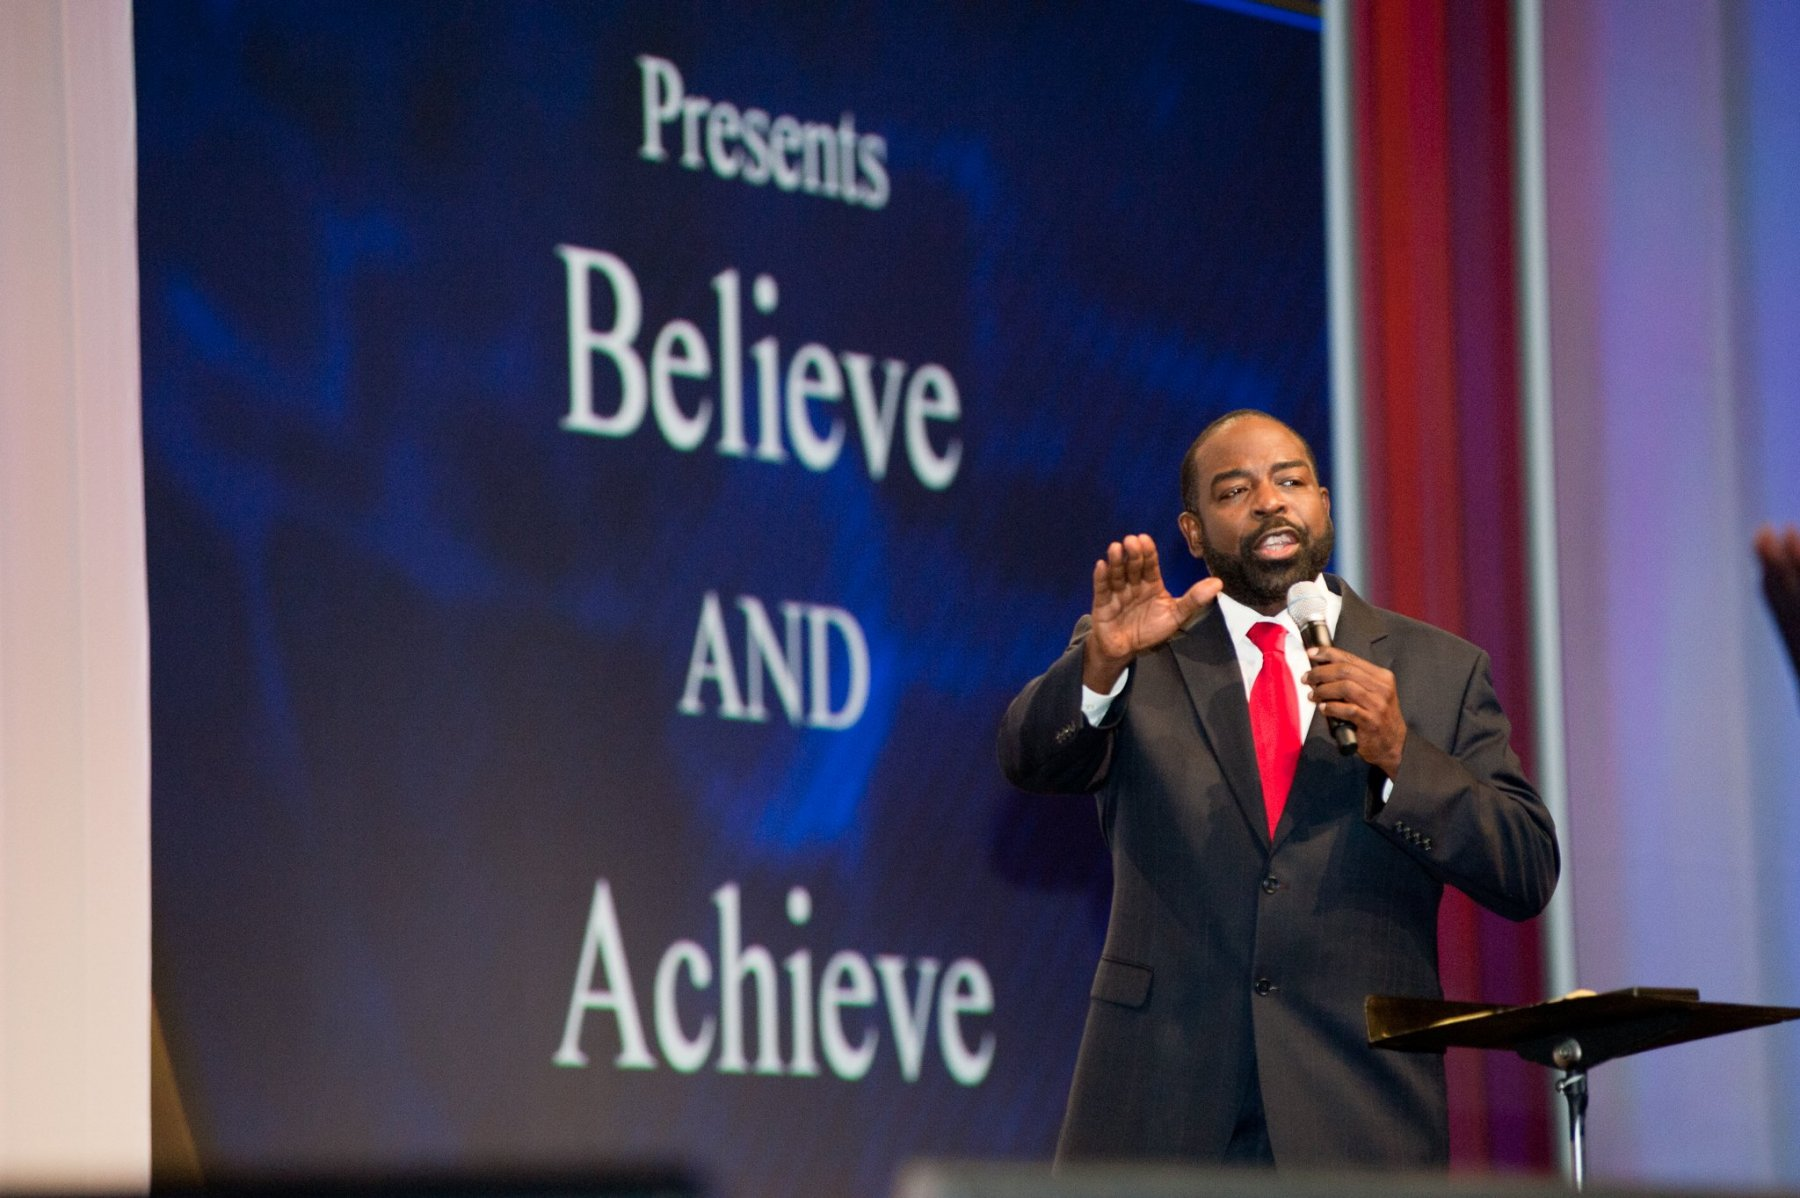 Keynote speaker Les Brown